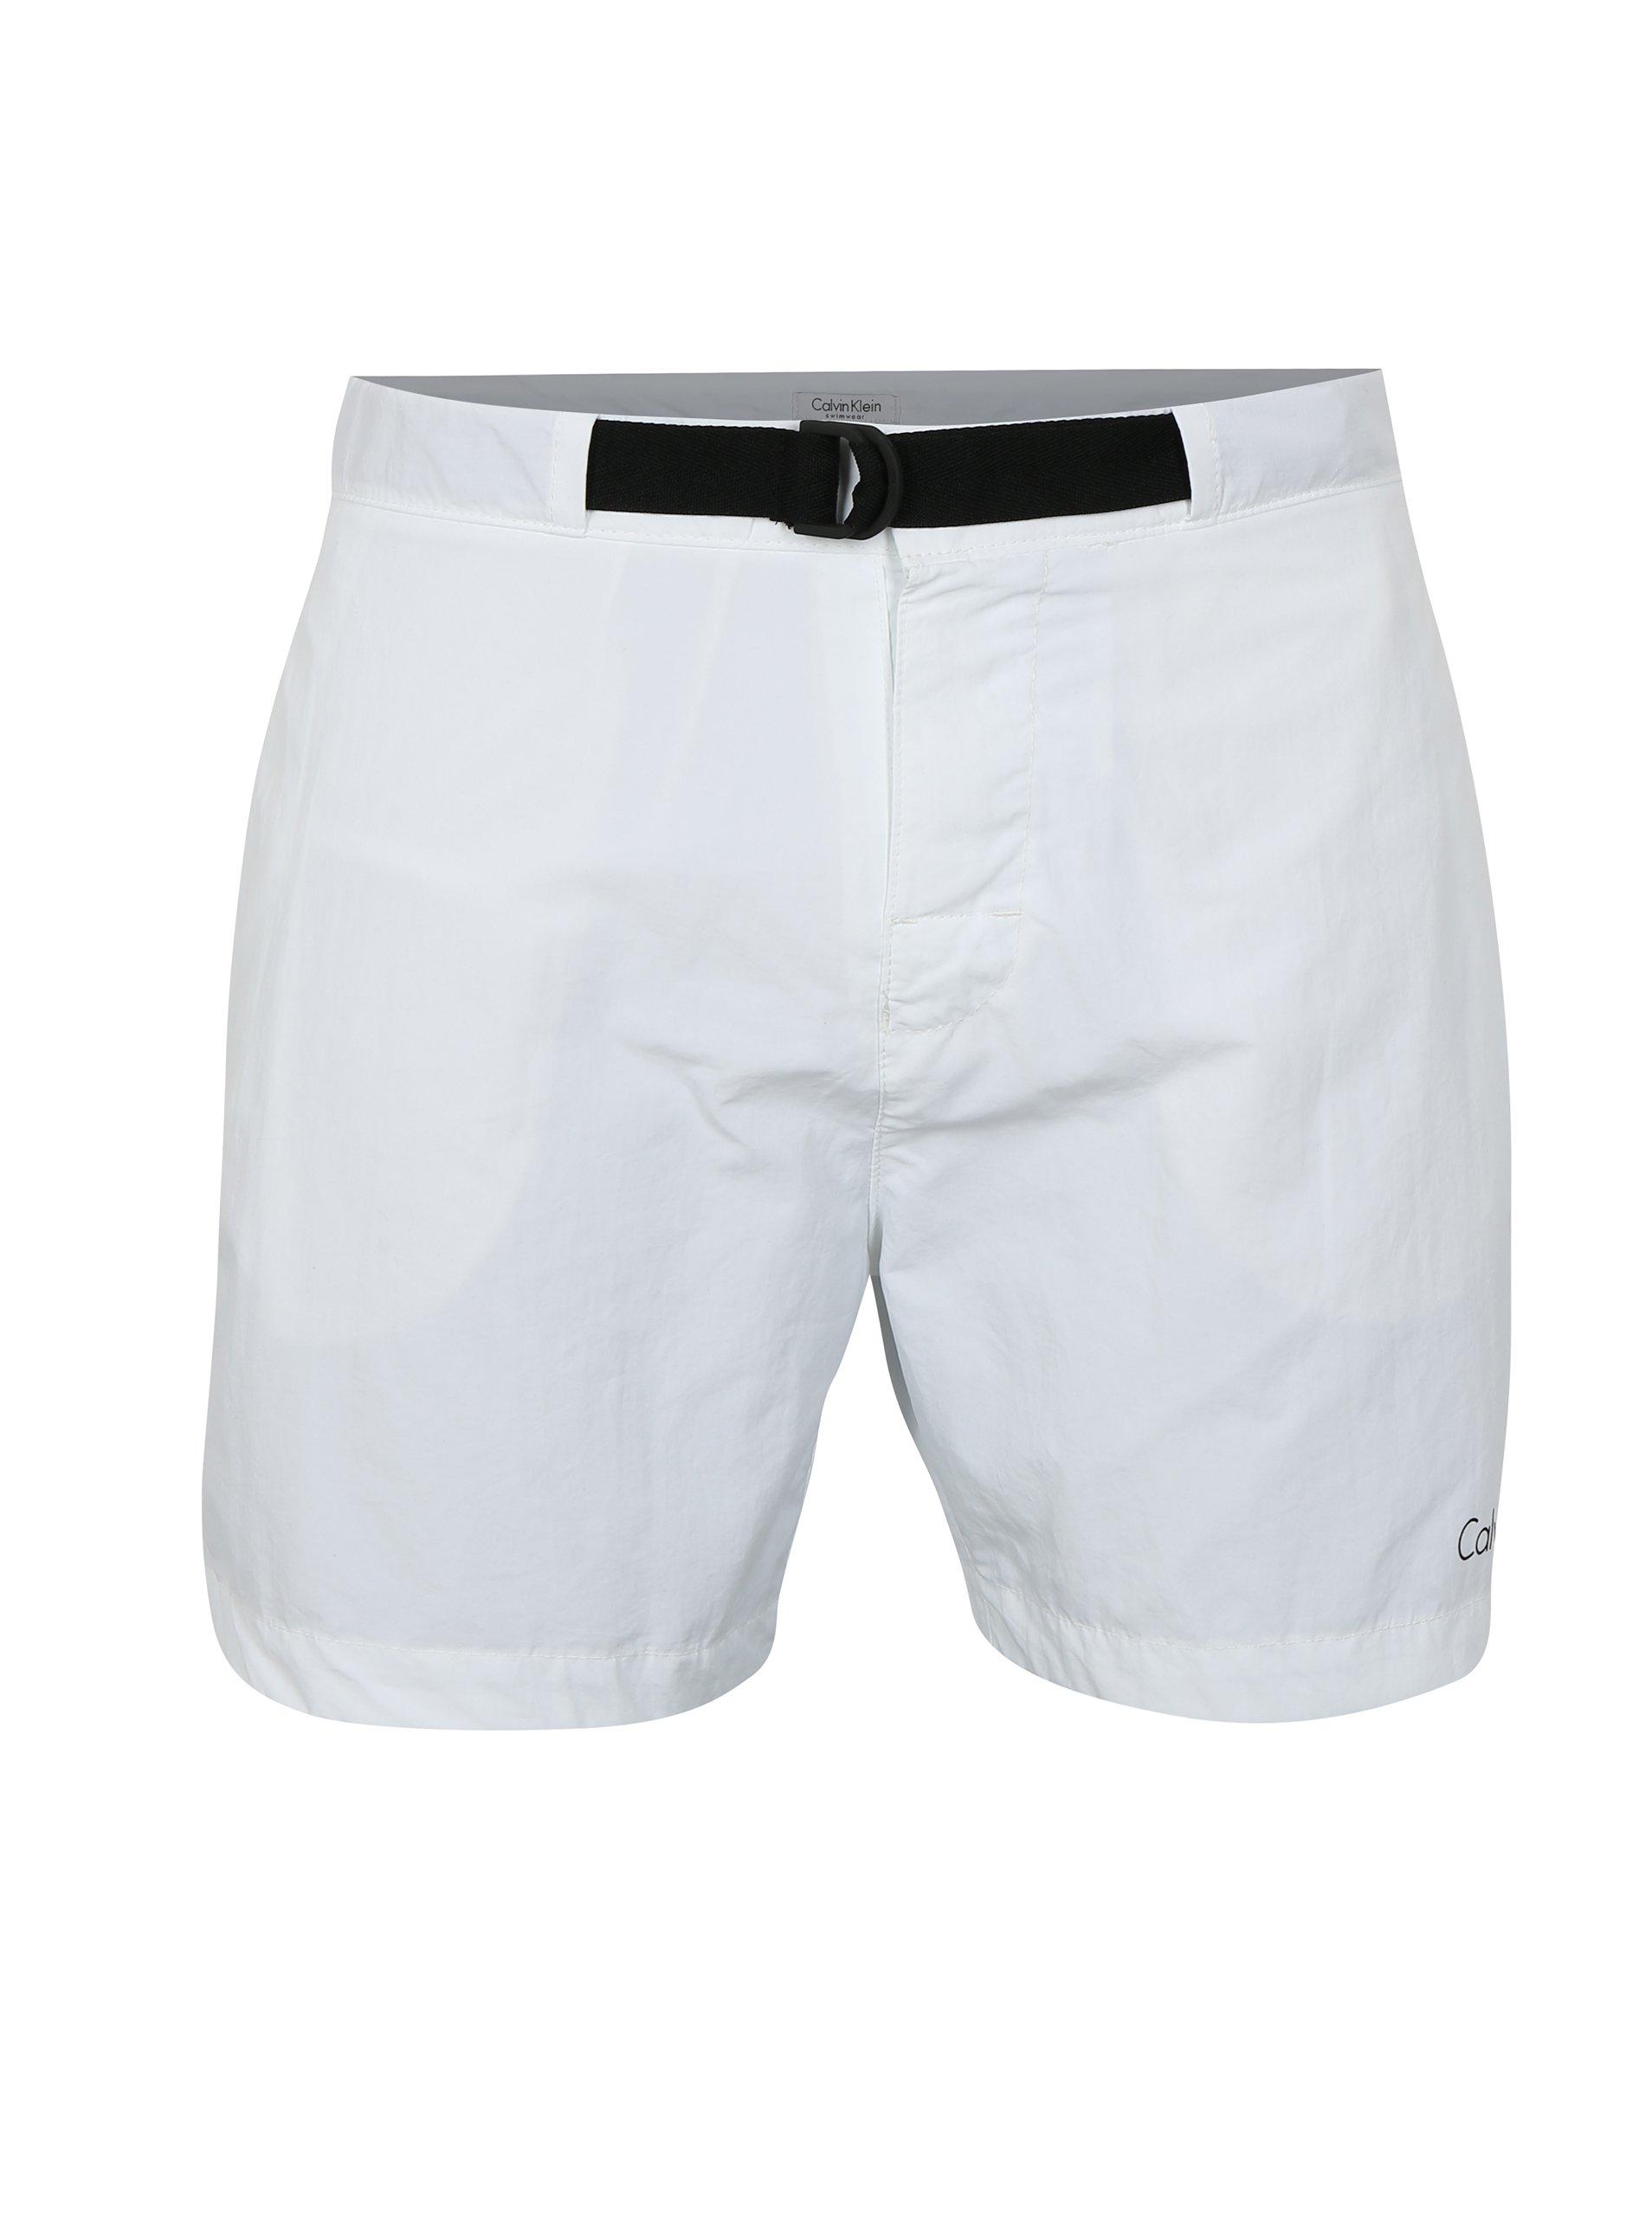 93f0ecabfd Biele pánske plavky Calvin Klein Underwear